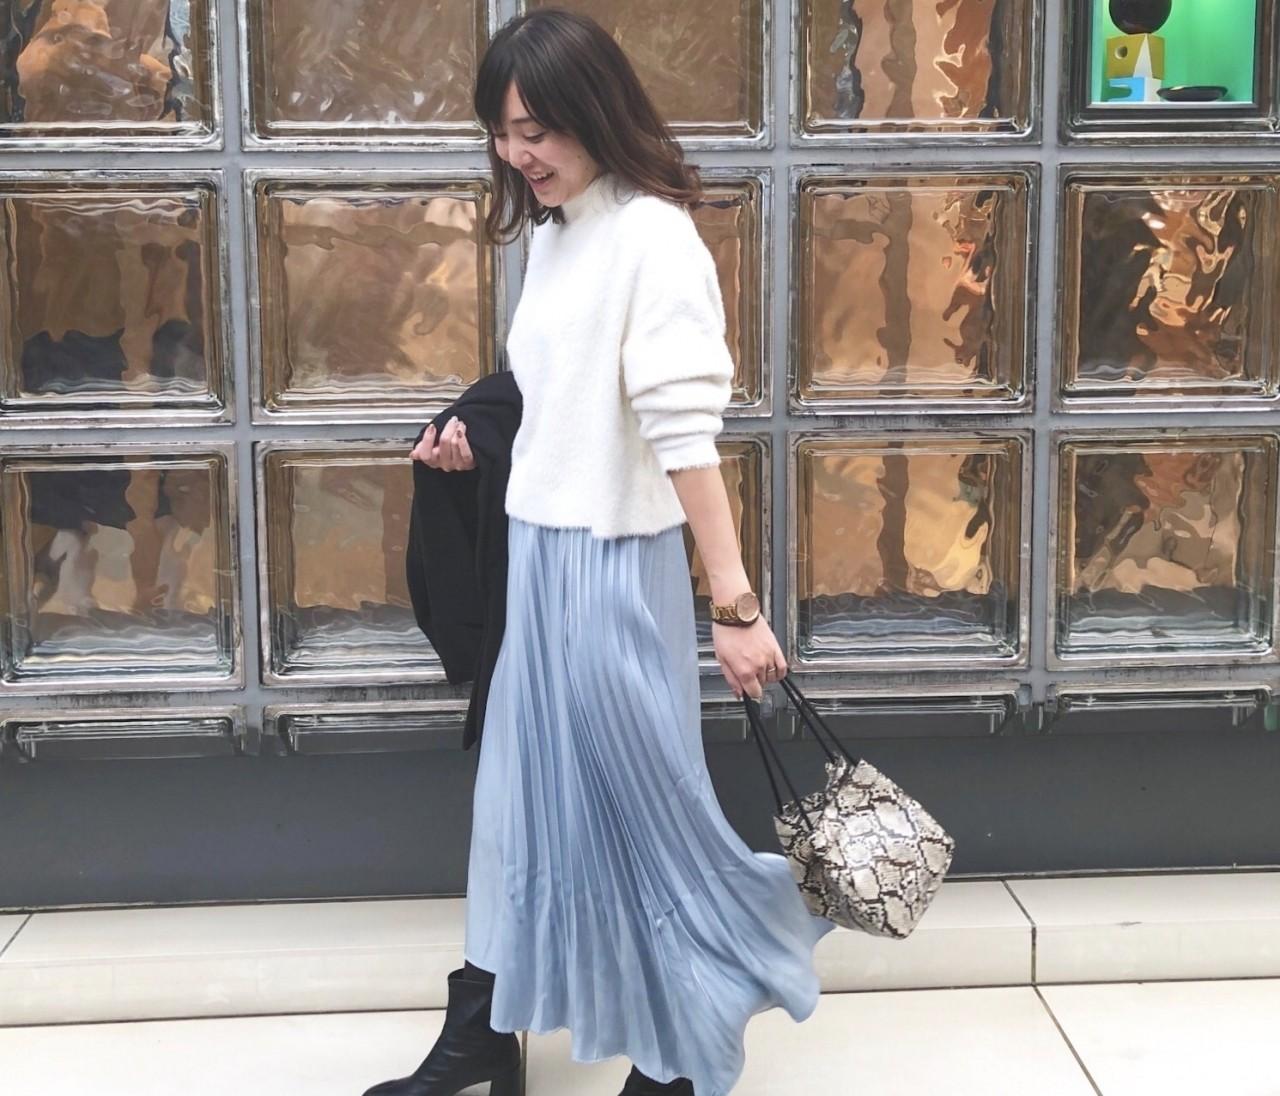 【女っぽコーデ】ニット×くすみブルーのプリーツスカート